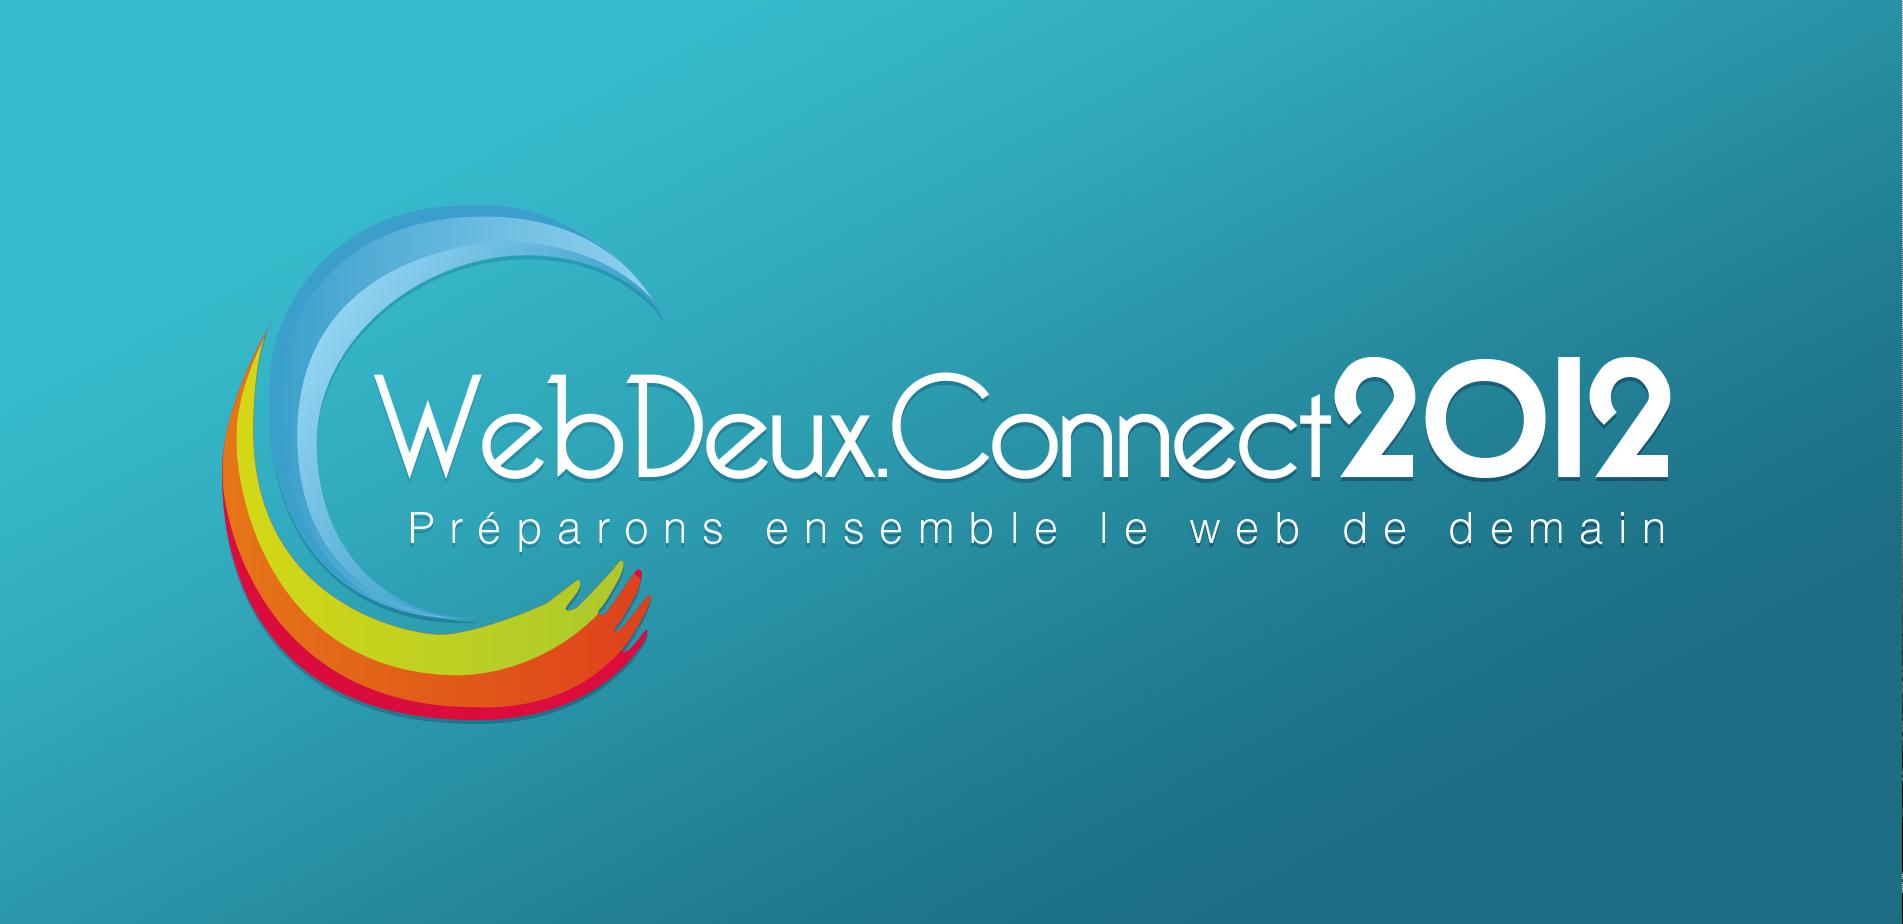 webdeuxconnect2012